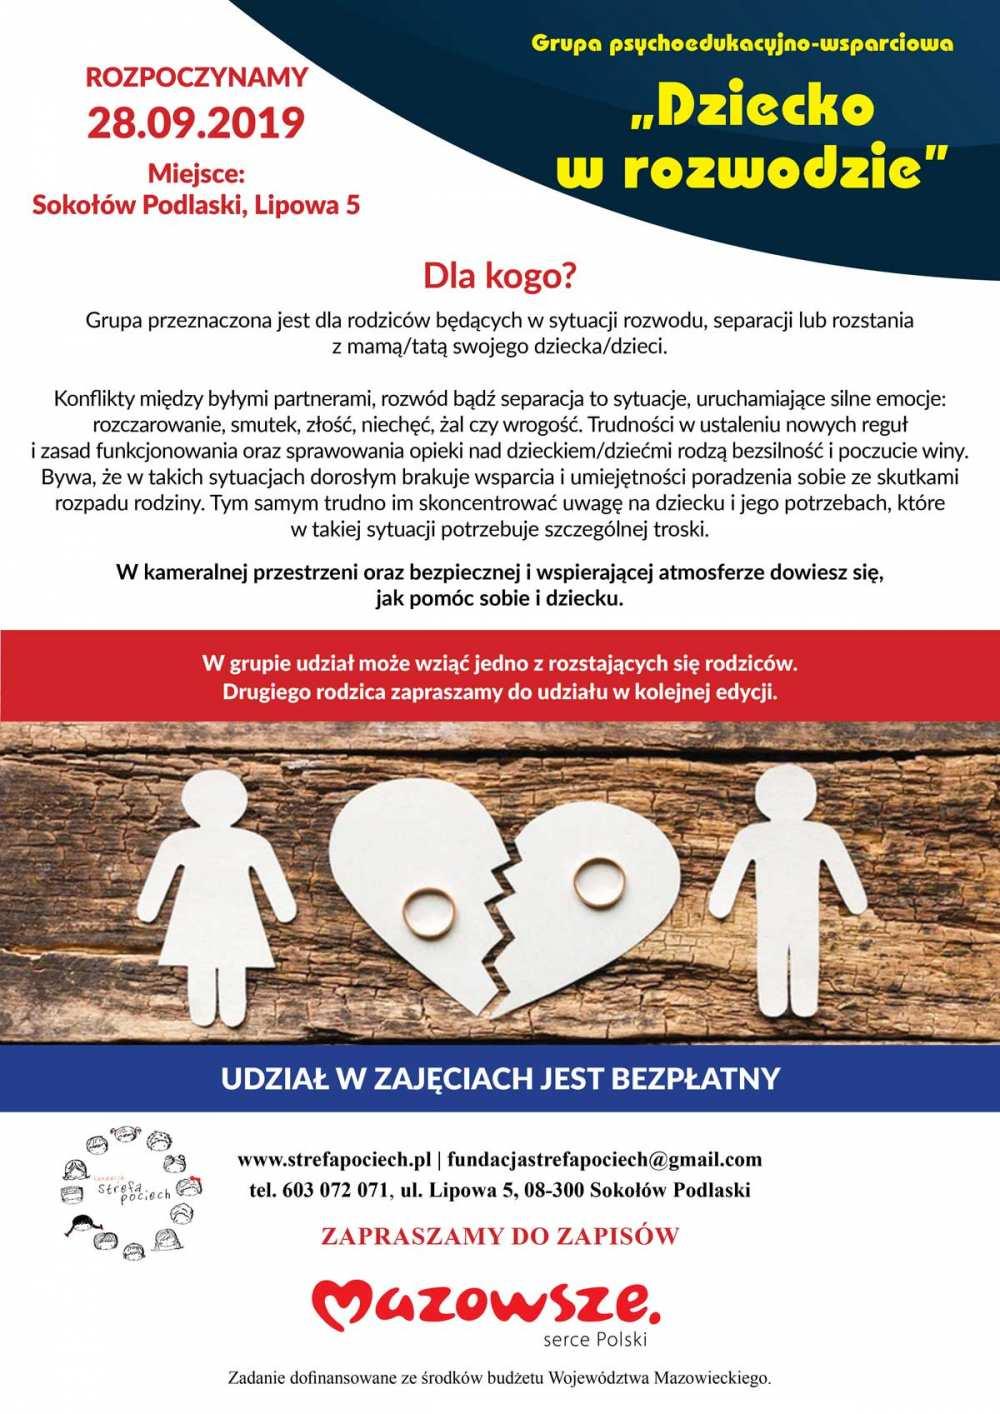 Plakat A3 dzieci w rozwodzie duy